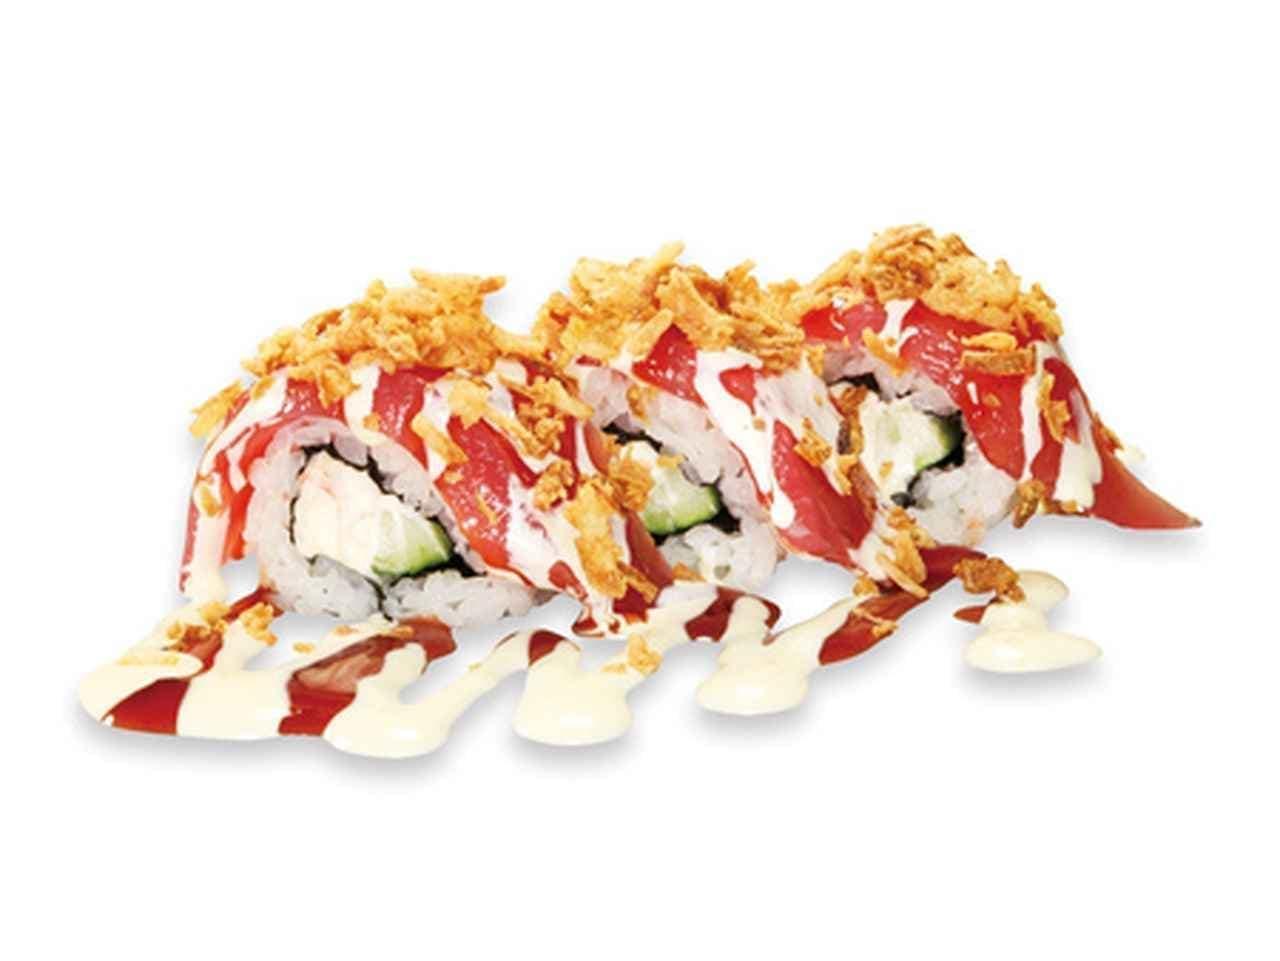 くら寿司 ロール寿司